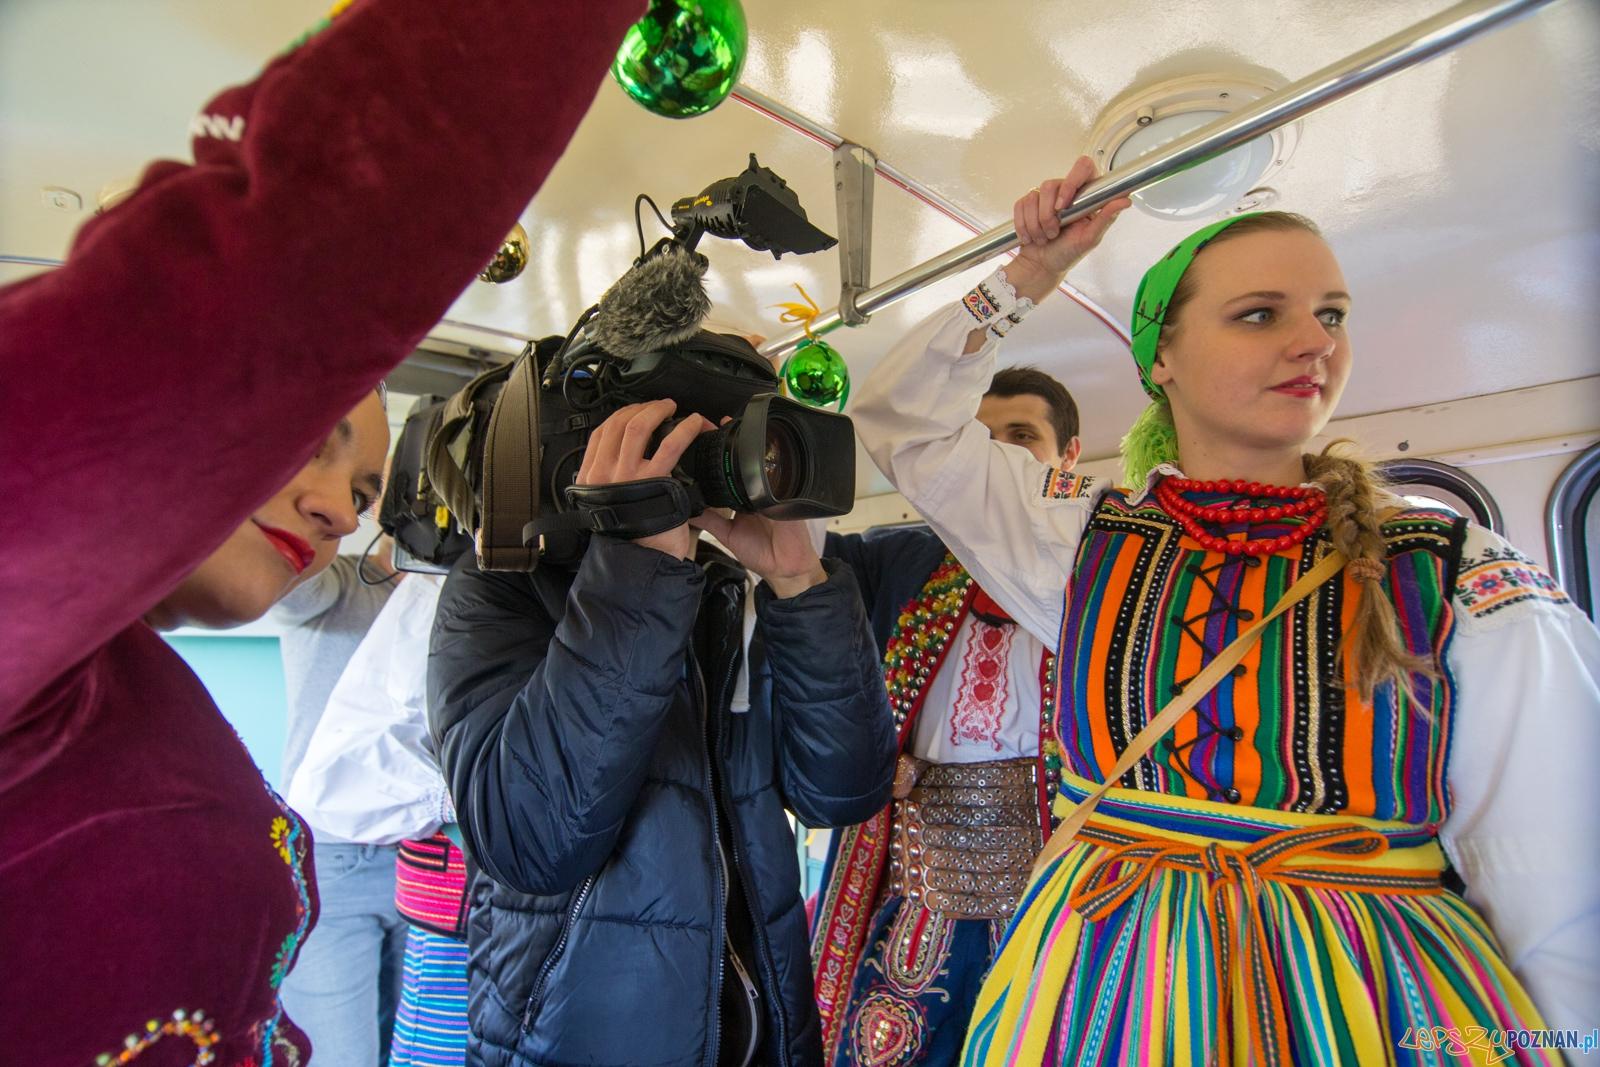 Świąteczna Bimba  Foto: lepszyPOZNAN.pl / Piotr Rychter